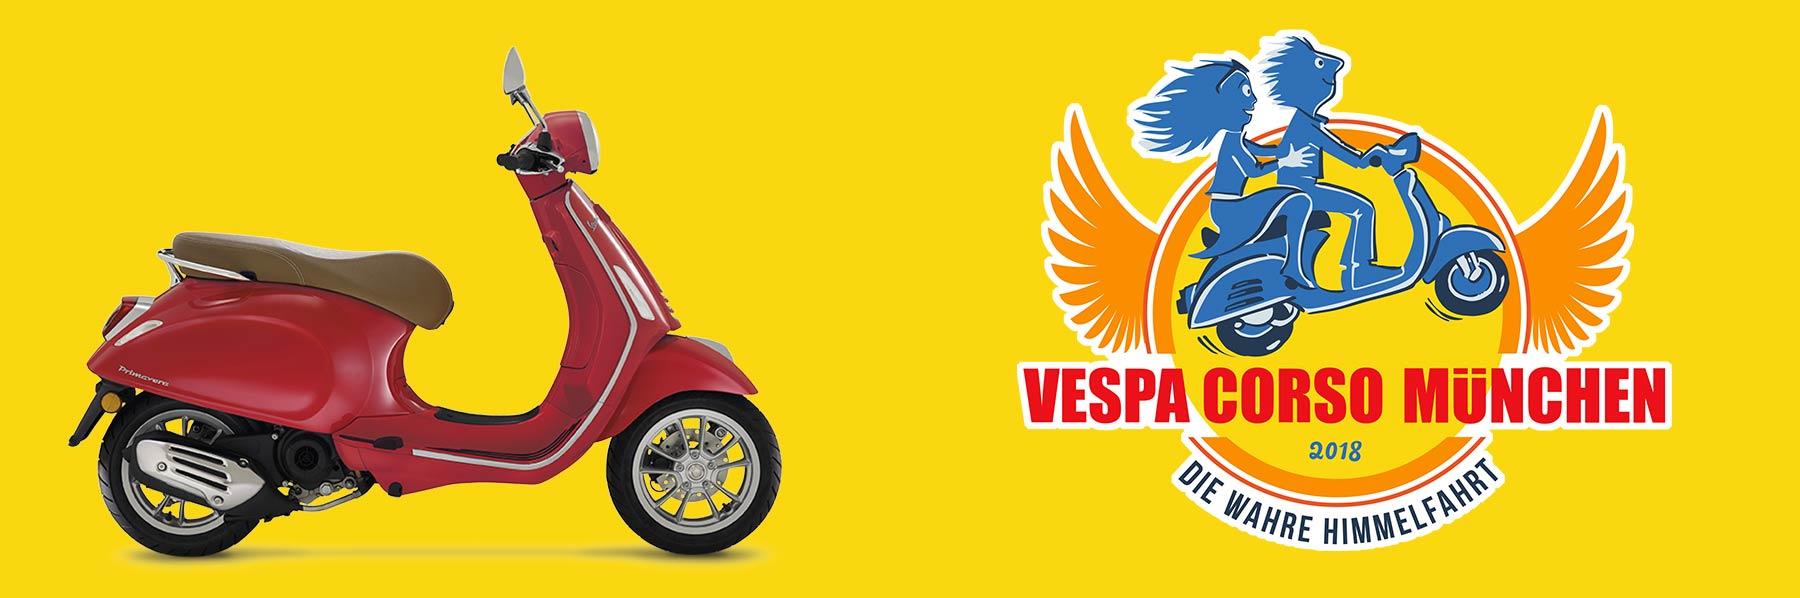 Gewinne eine neue Vespa Primavera 50 - Benefiz Tombola